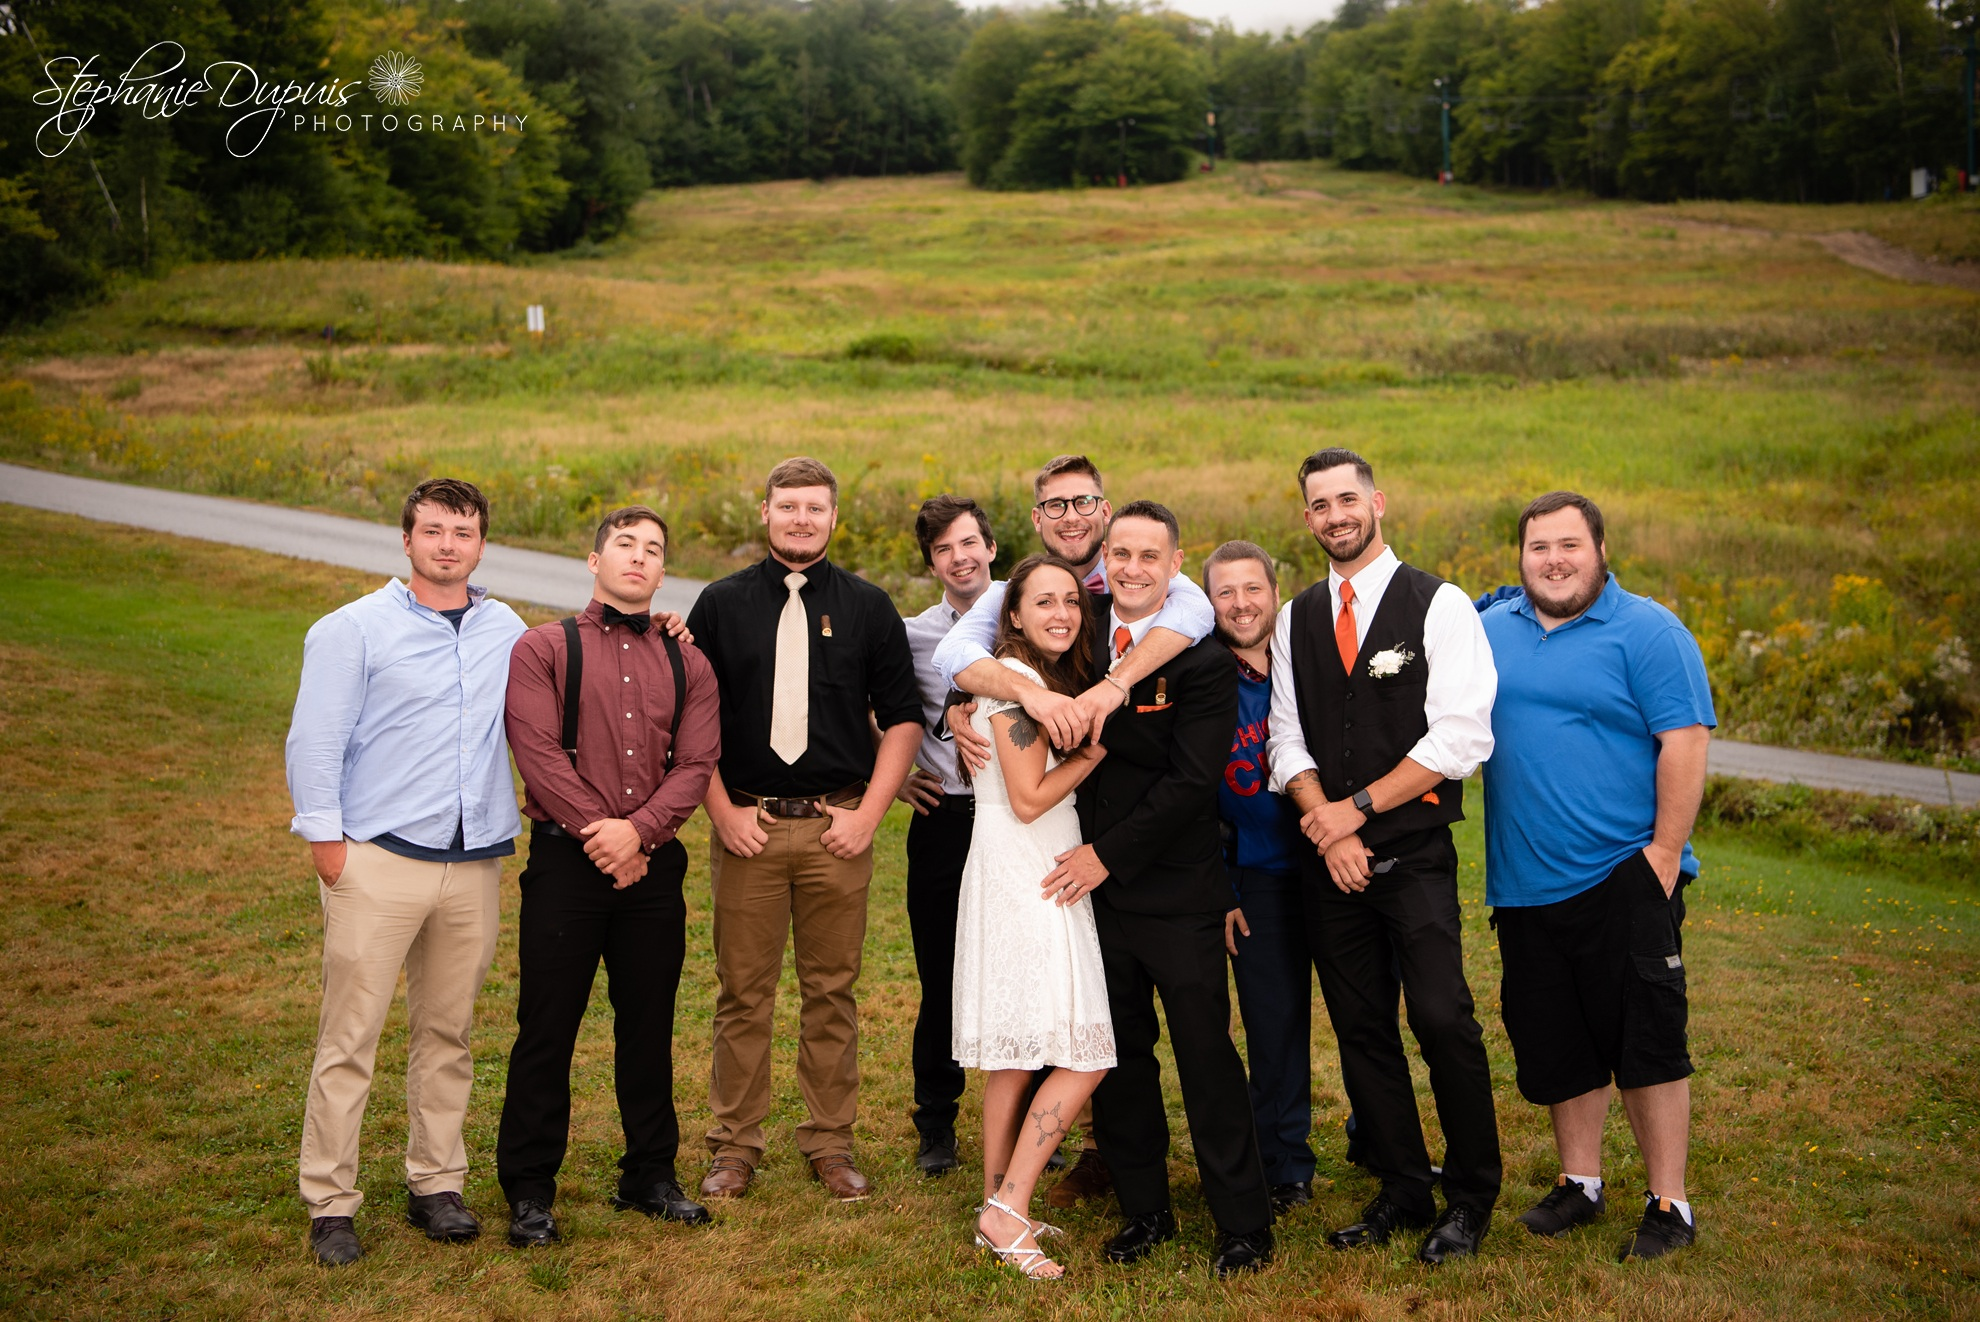 White Mountains Wedding Photographer 10 1 - Portfolio: Harper Wedding